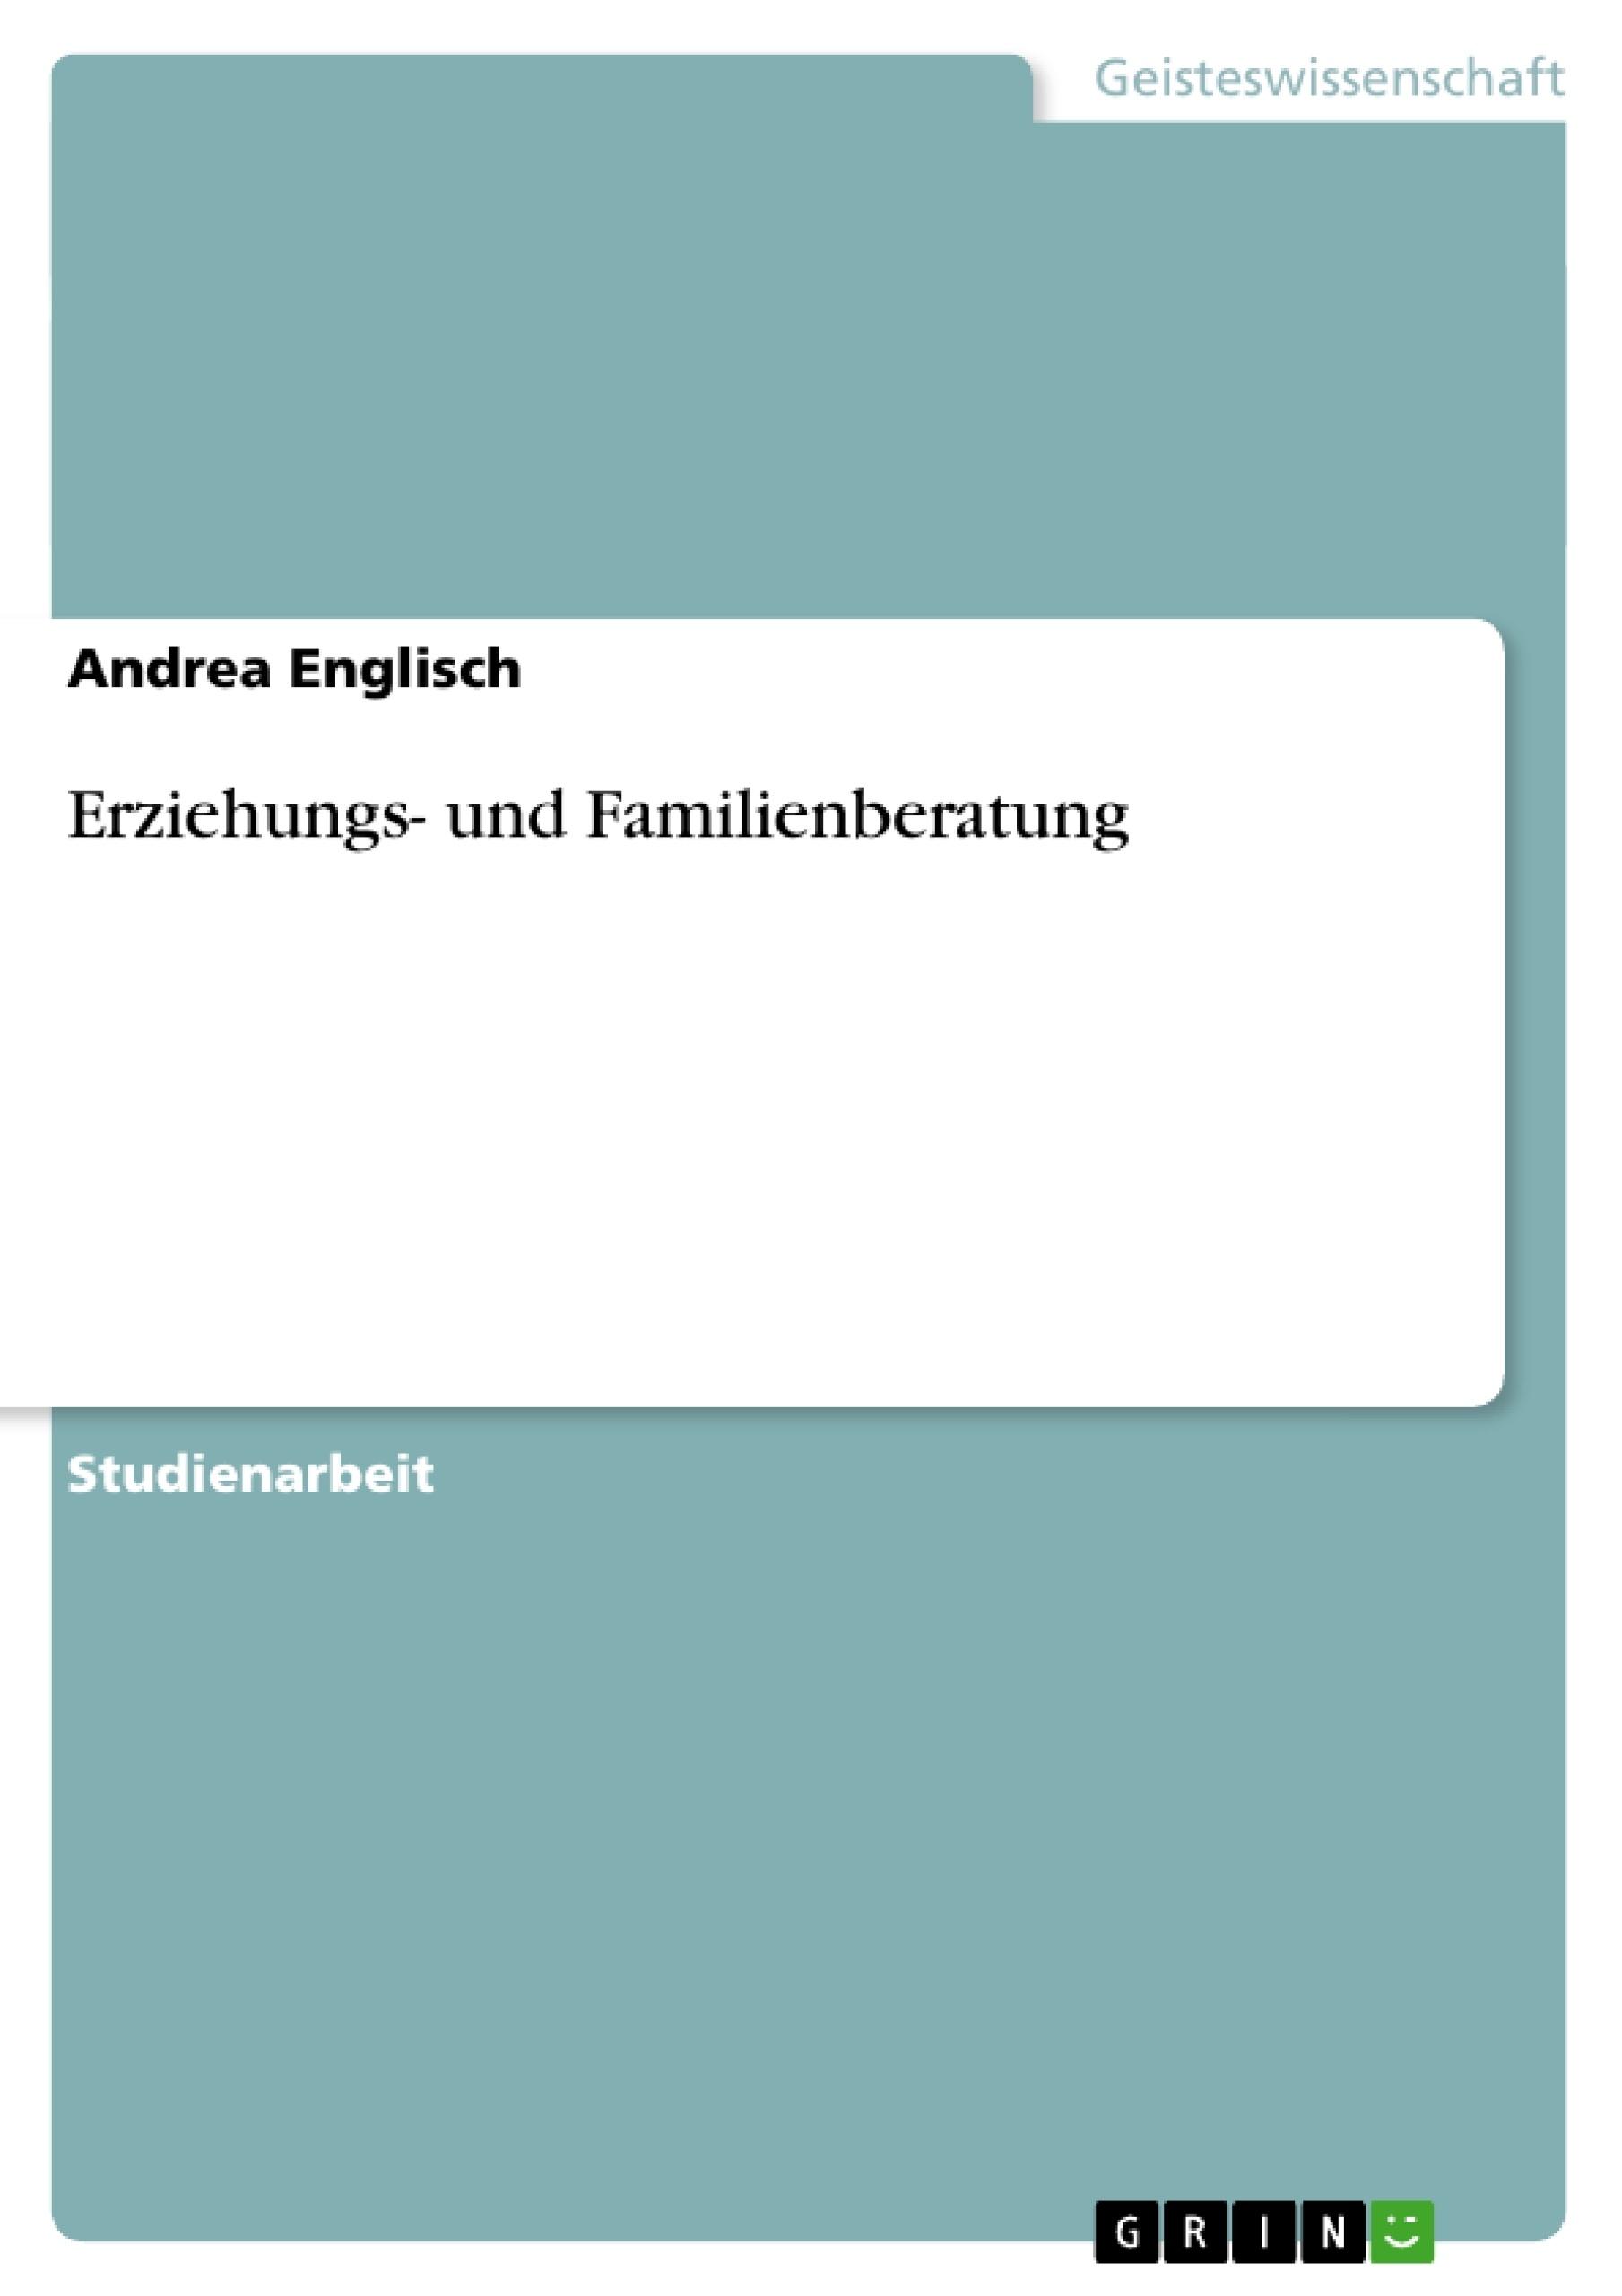 Titel: Erziehungs- und Familienberatung